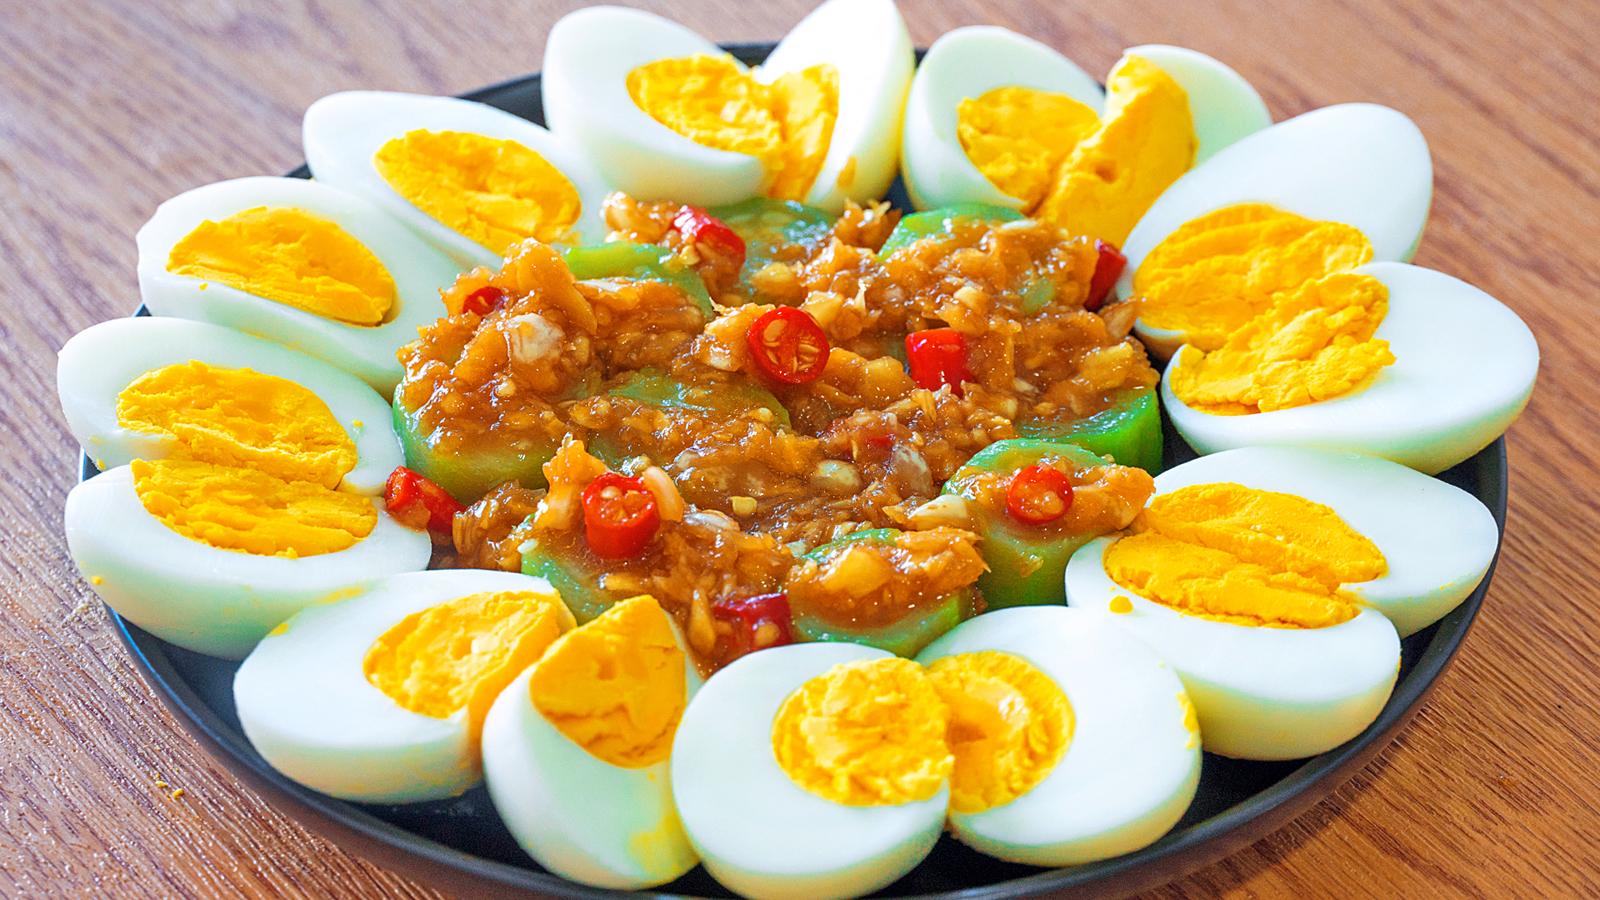 5道懒人快手菜,开胃好吃,拌一拌就上桌,夏天这样做简单省事 美食做法 第26张